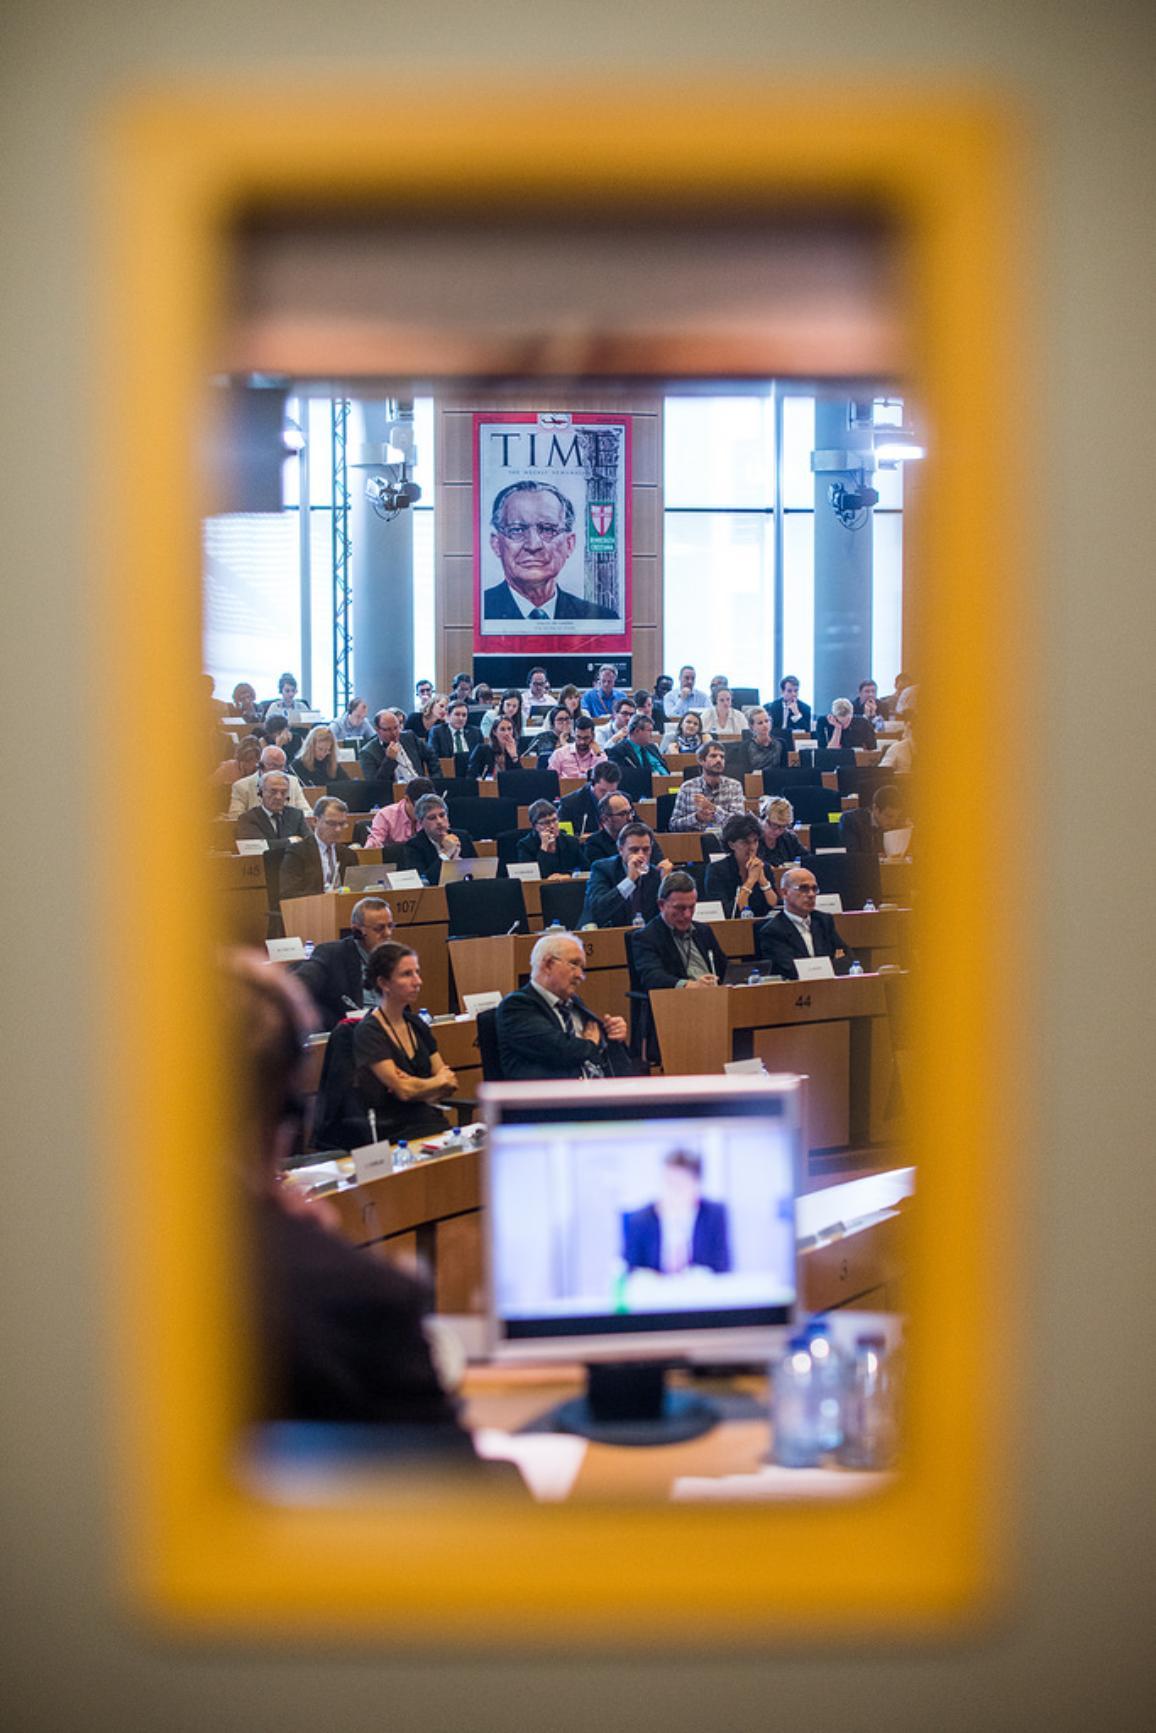 Europutados debatiendo durante una reunión.